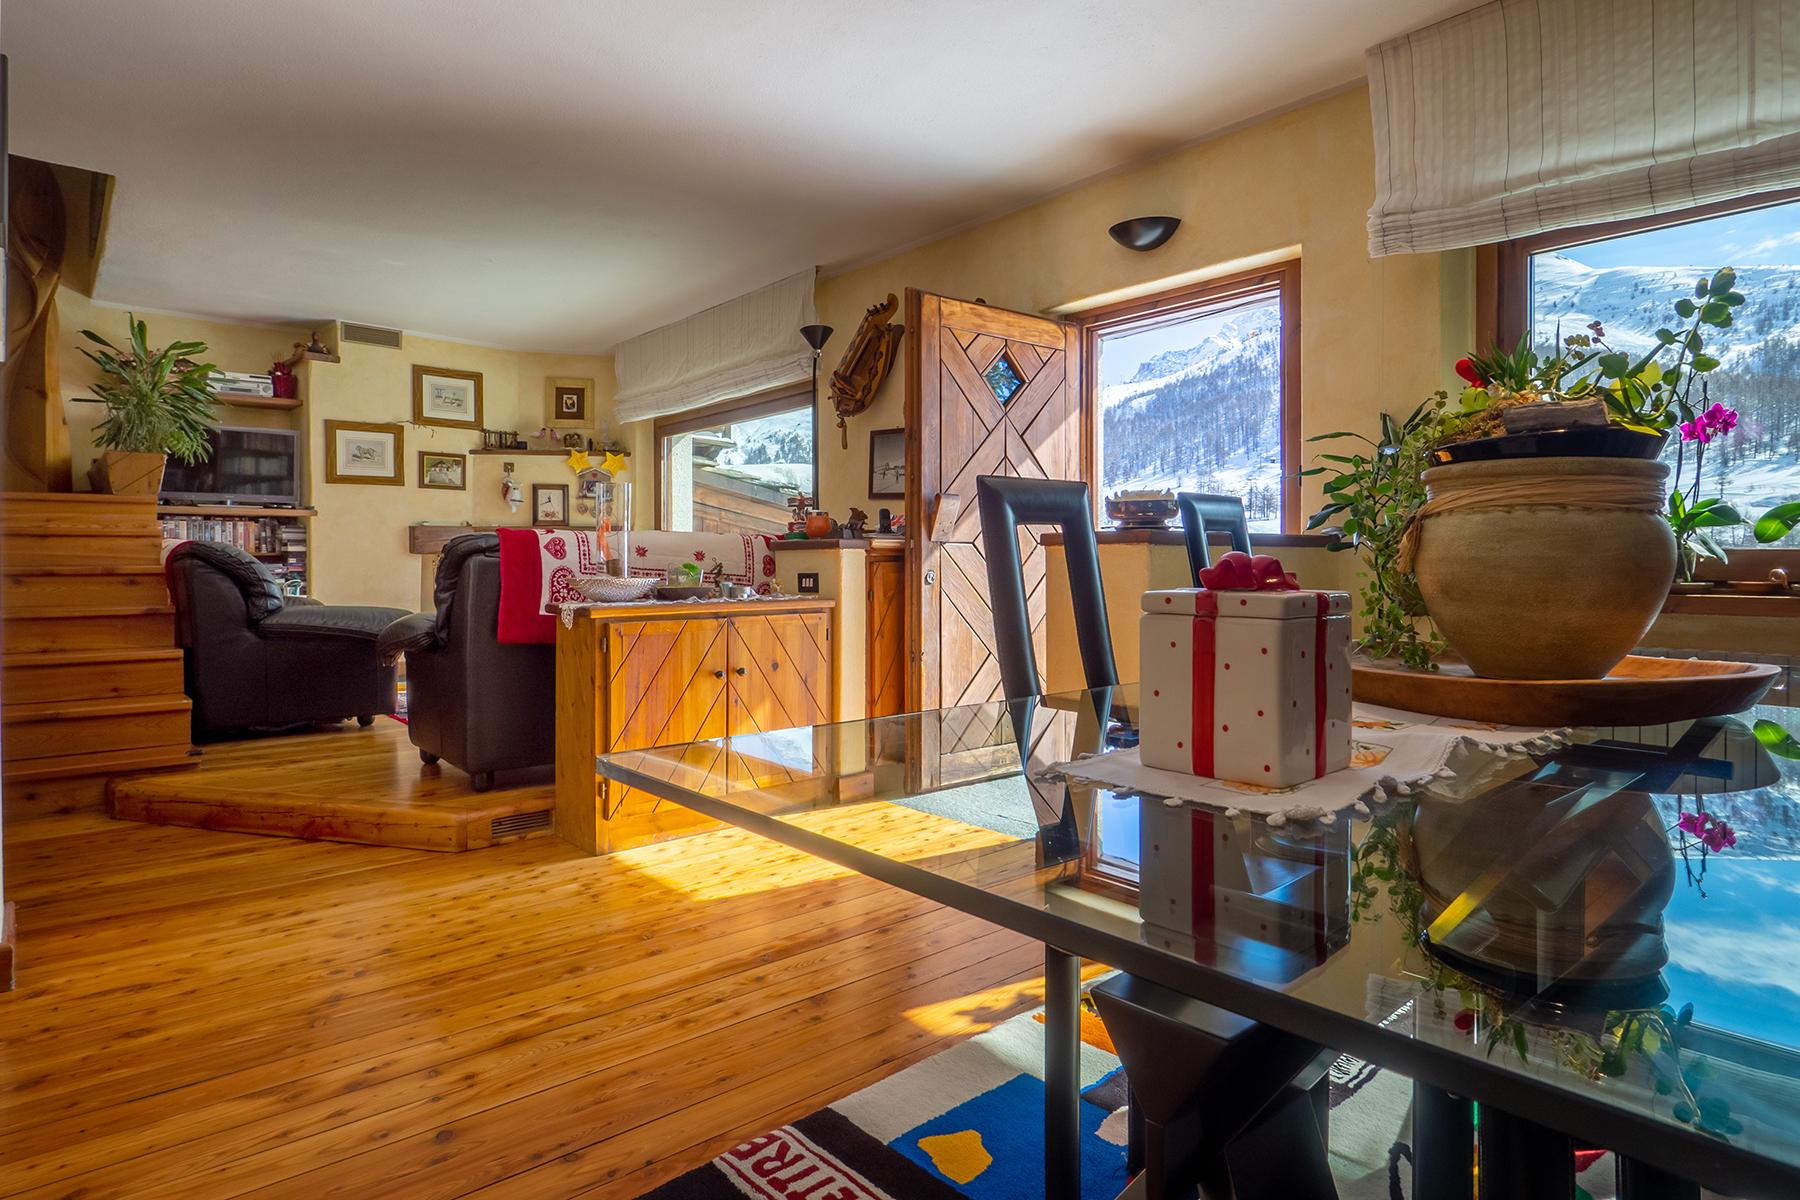 Casa indipendente in Vendita a Sestriere: 5 locali, 240 mq - Foto 4